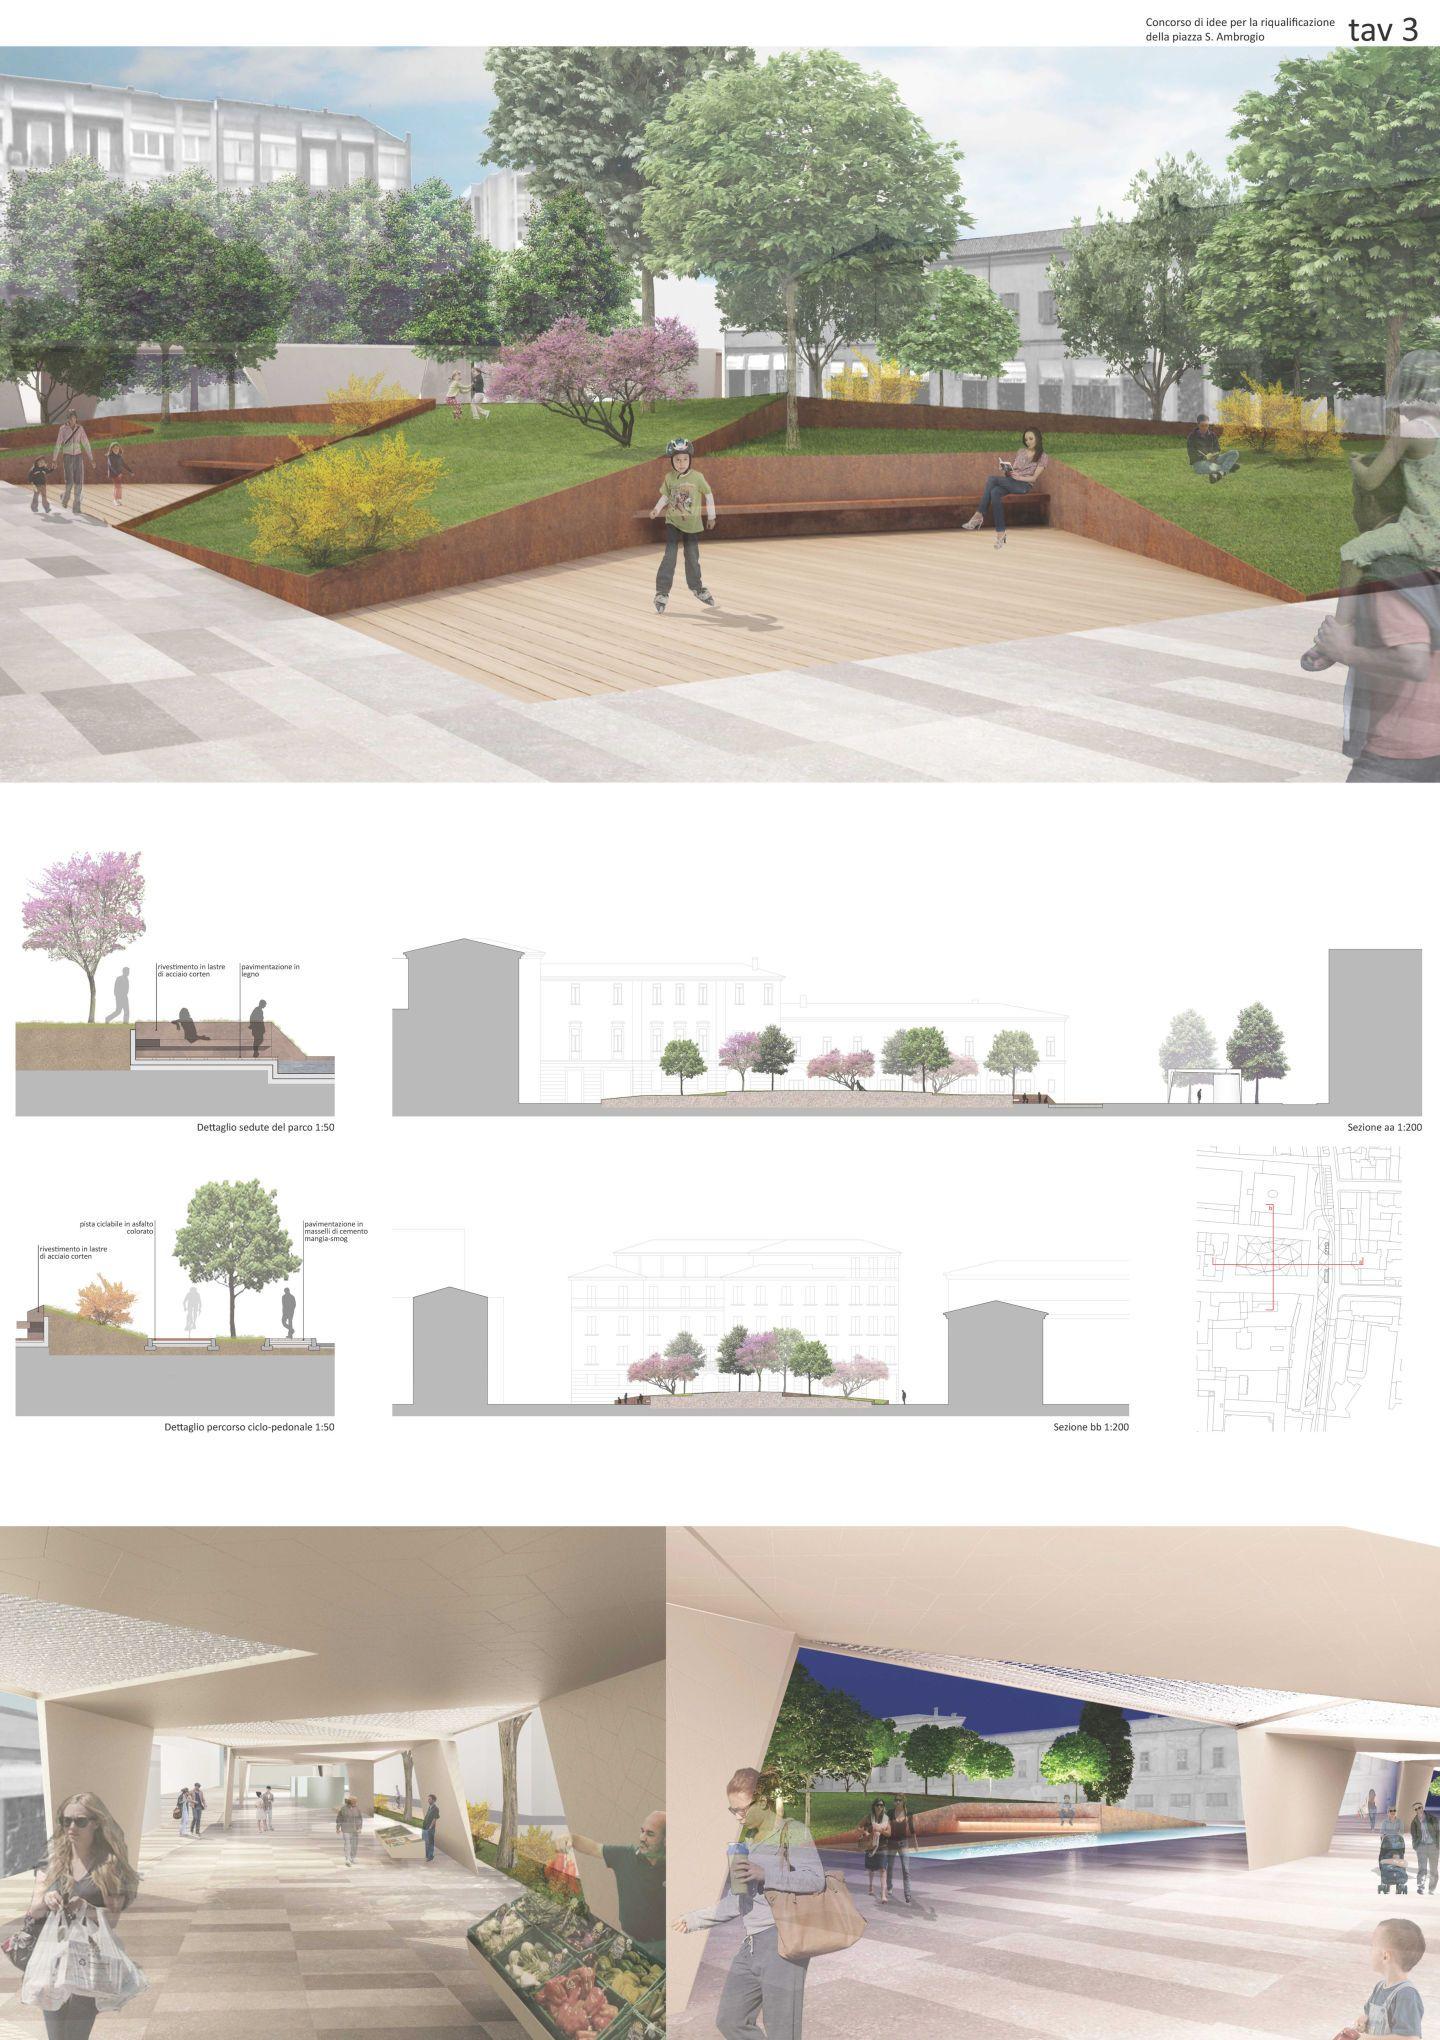 CHRISTIAN SANSON · Riqualificazione urbanistica delle aree centrali di Codroipo · Divisare 008 Architecture boards Pinterest